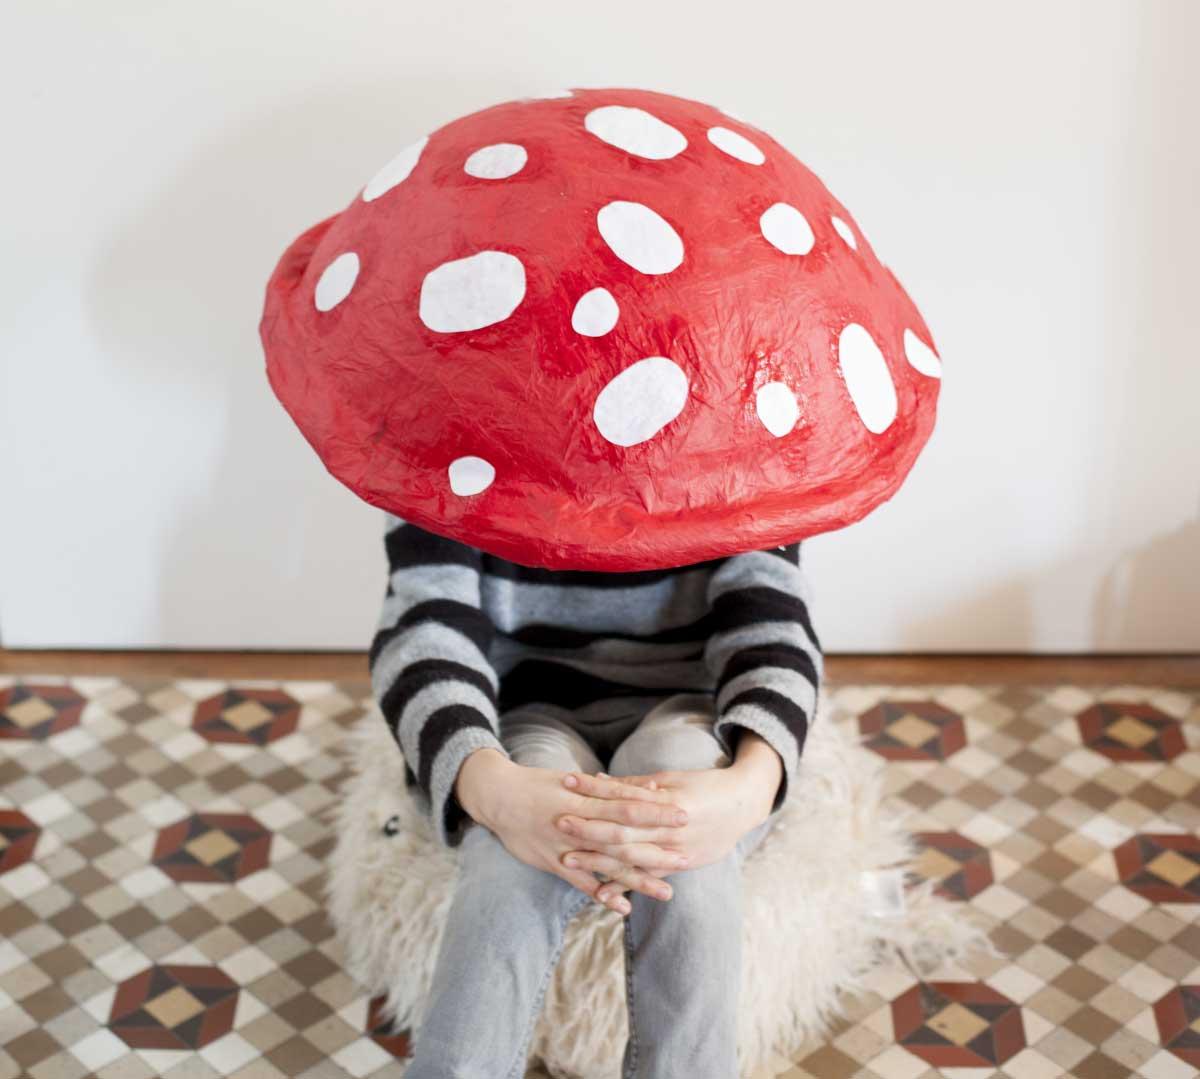 Seta / Mushroom / Pilz